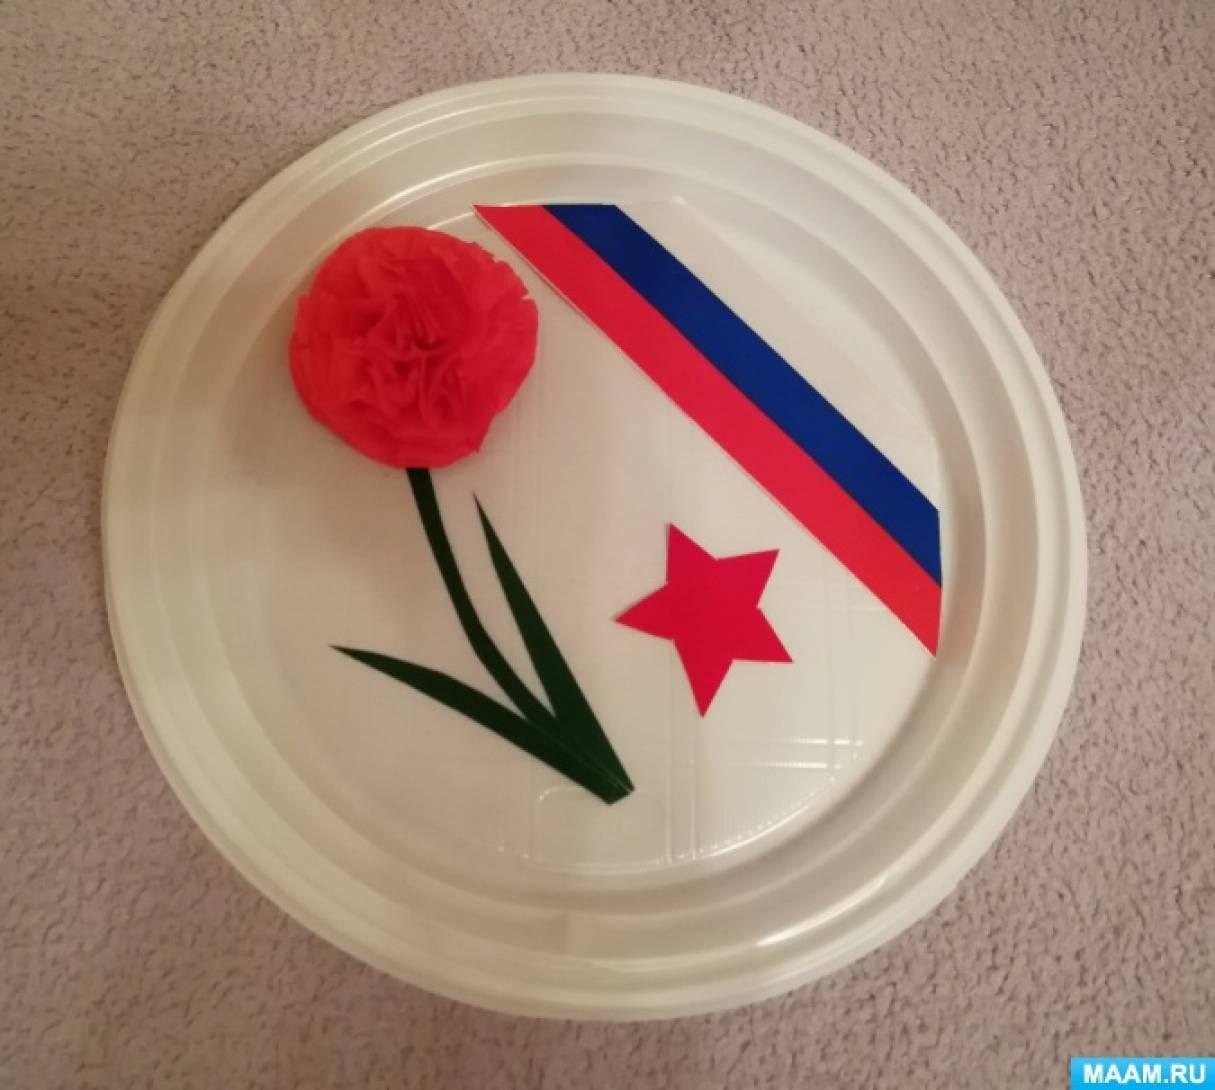 Открытка папам к Дню защитника Отечества в технике аппликации на пластиковых тарелочках